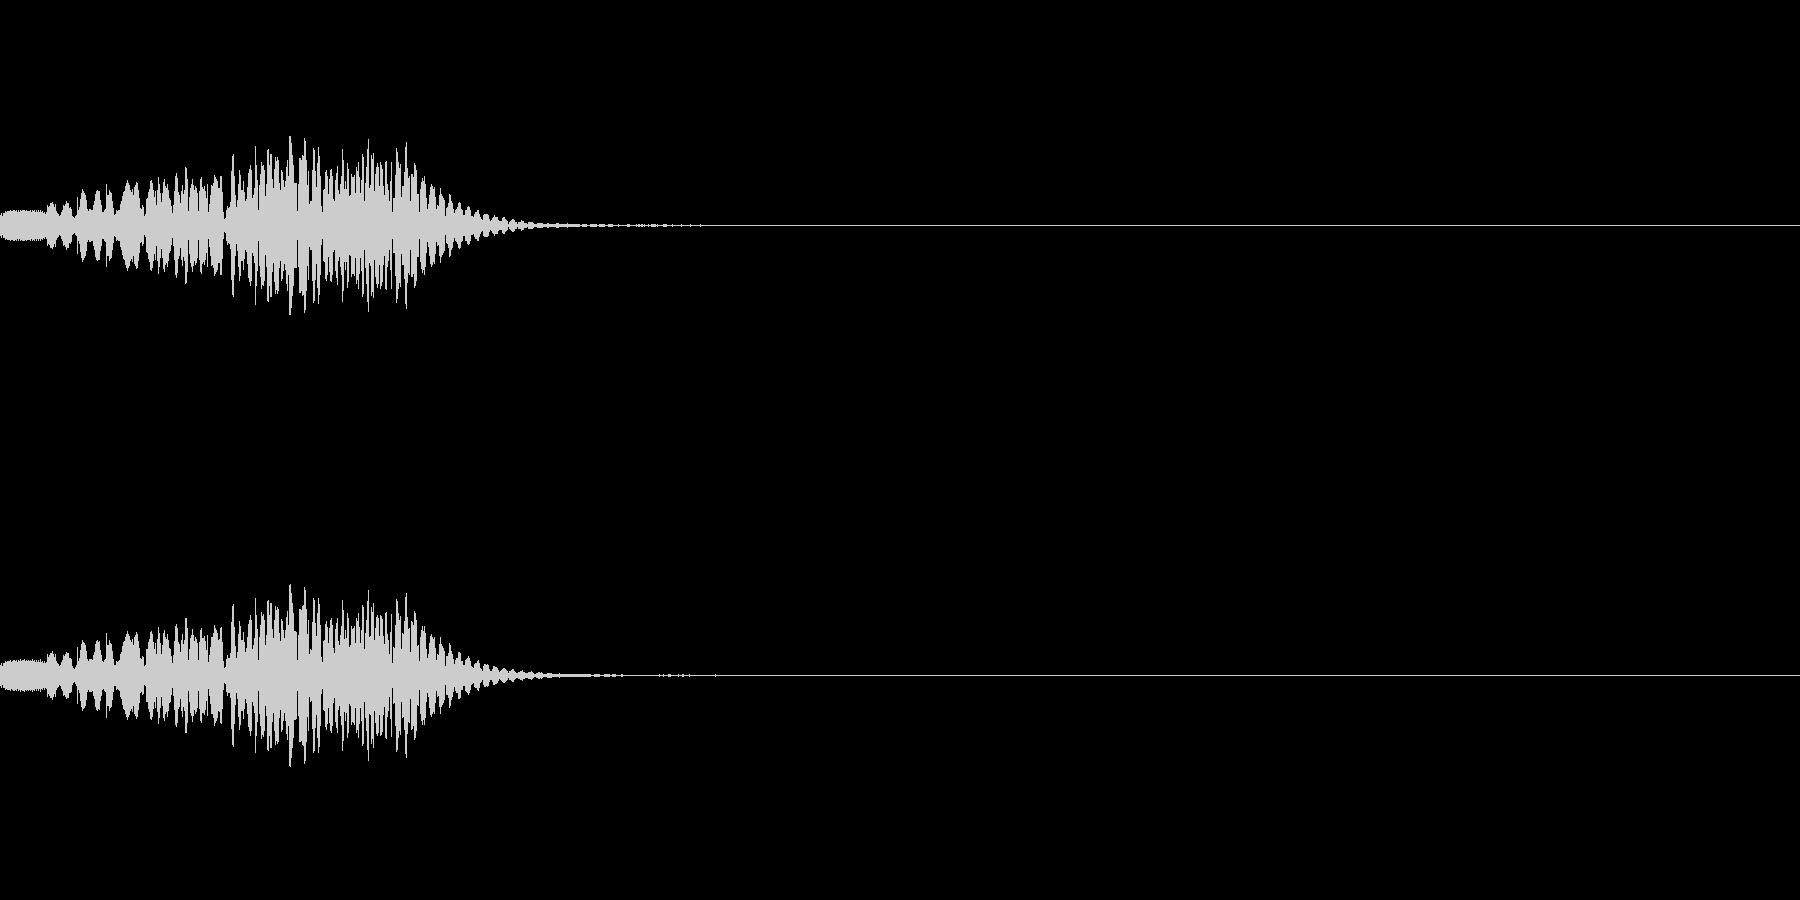 マリンバ(木琴)のグリッサンド音です。の未再生の波形